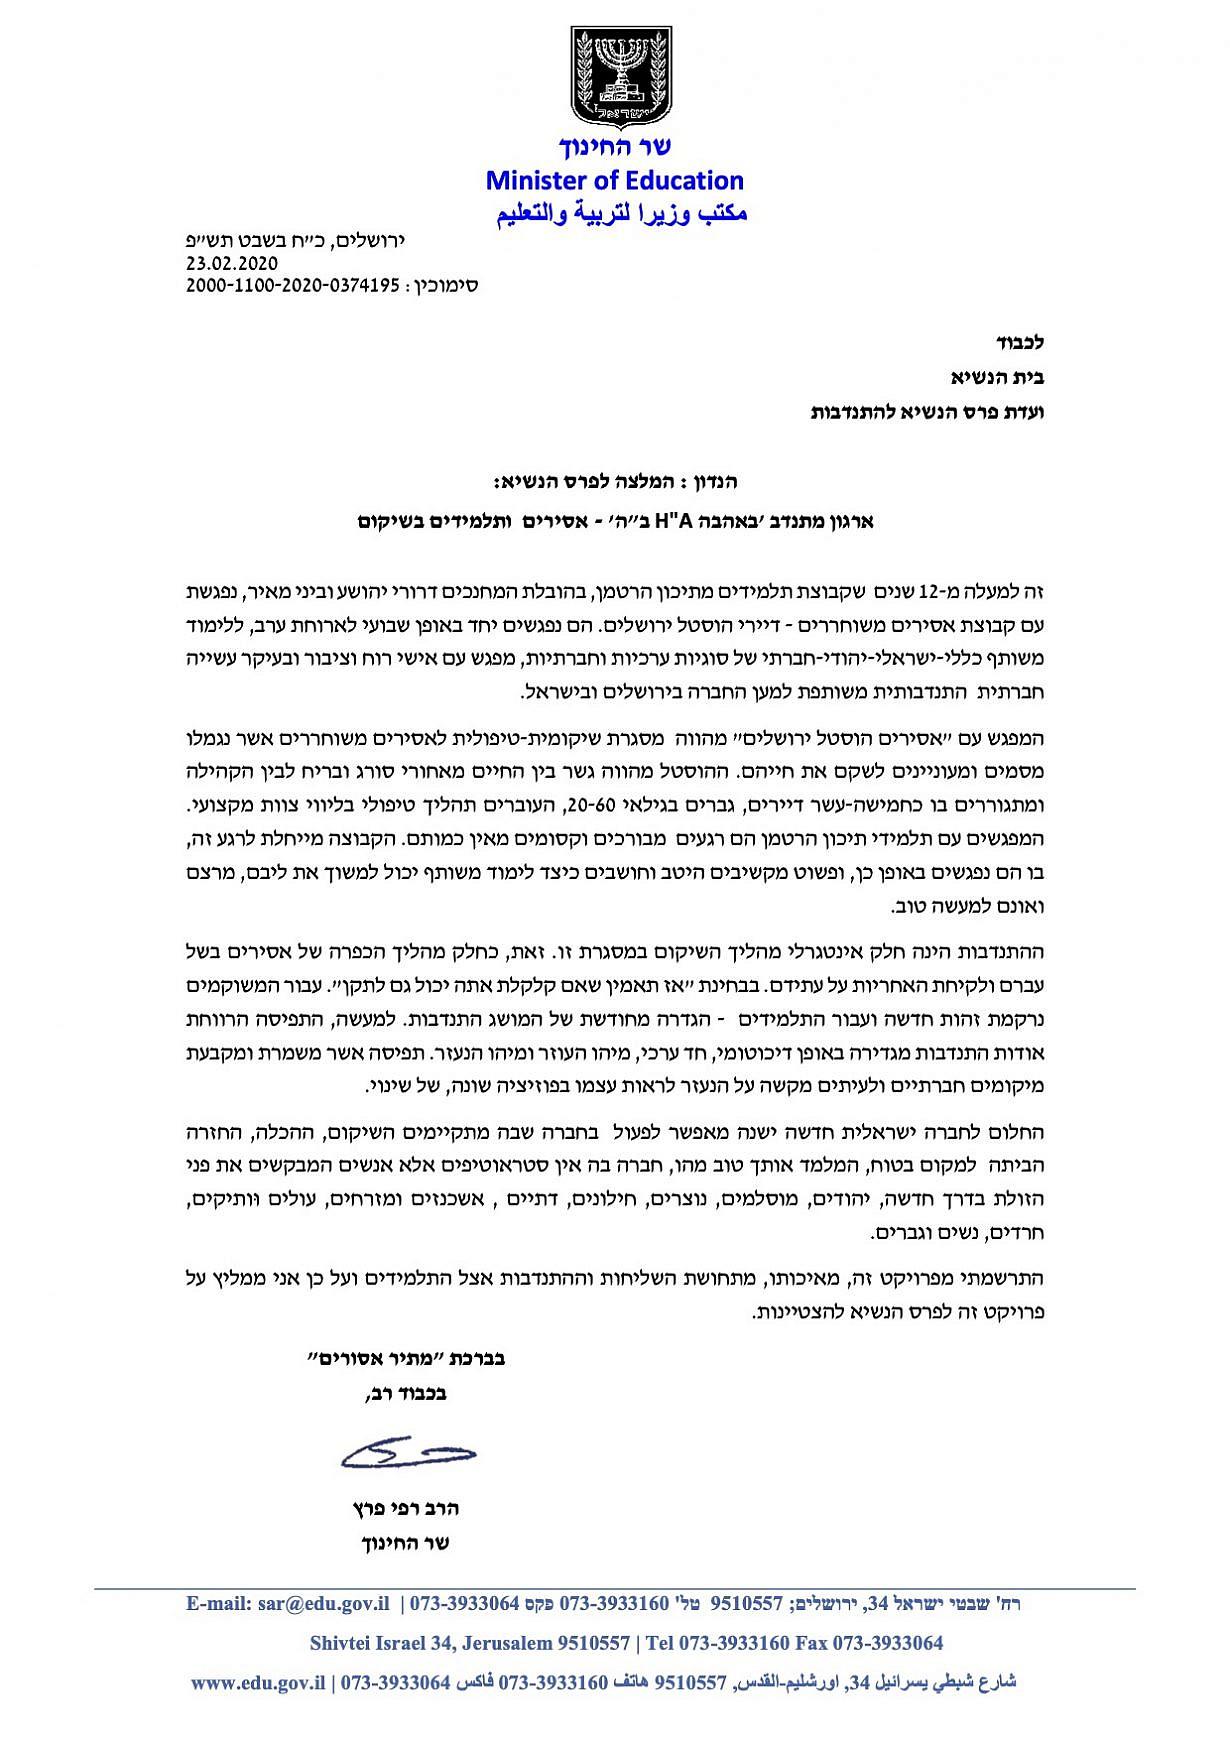 """בתמונה: מכתב המלצה משר החינוך הרב רפי פרץ לנשיא המדינה ראובן ריבלין בנוגע לתוכנית A""""Hבה"""